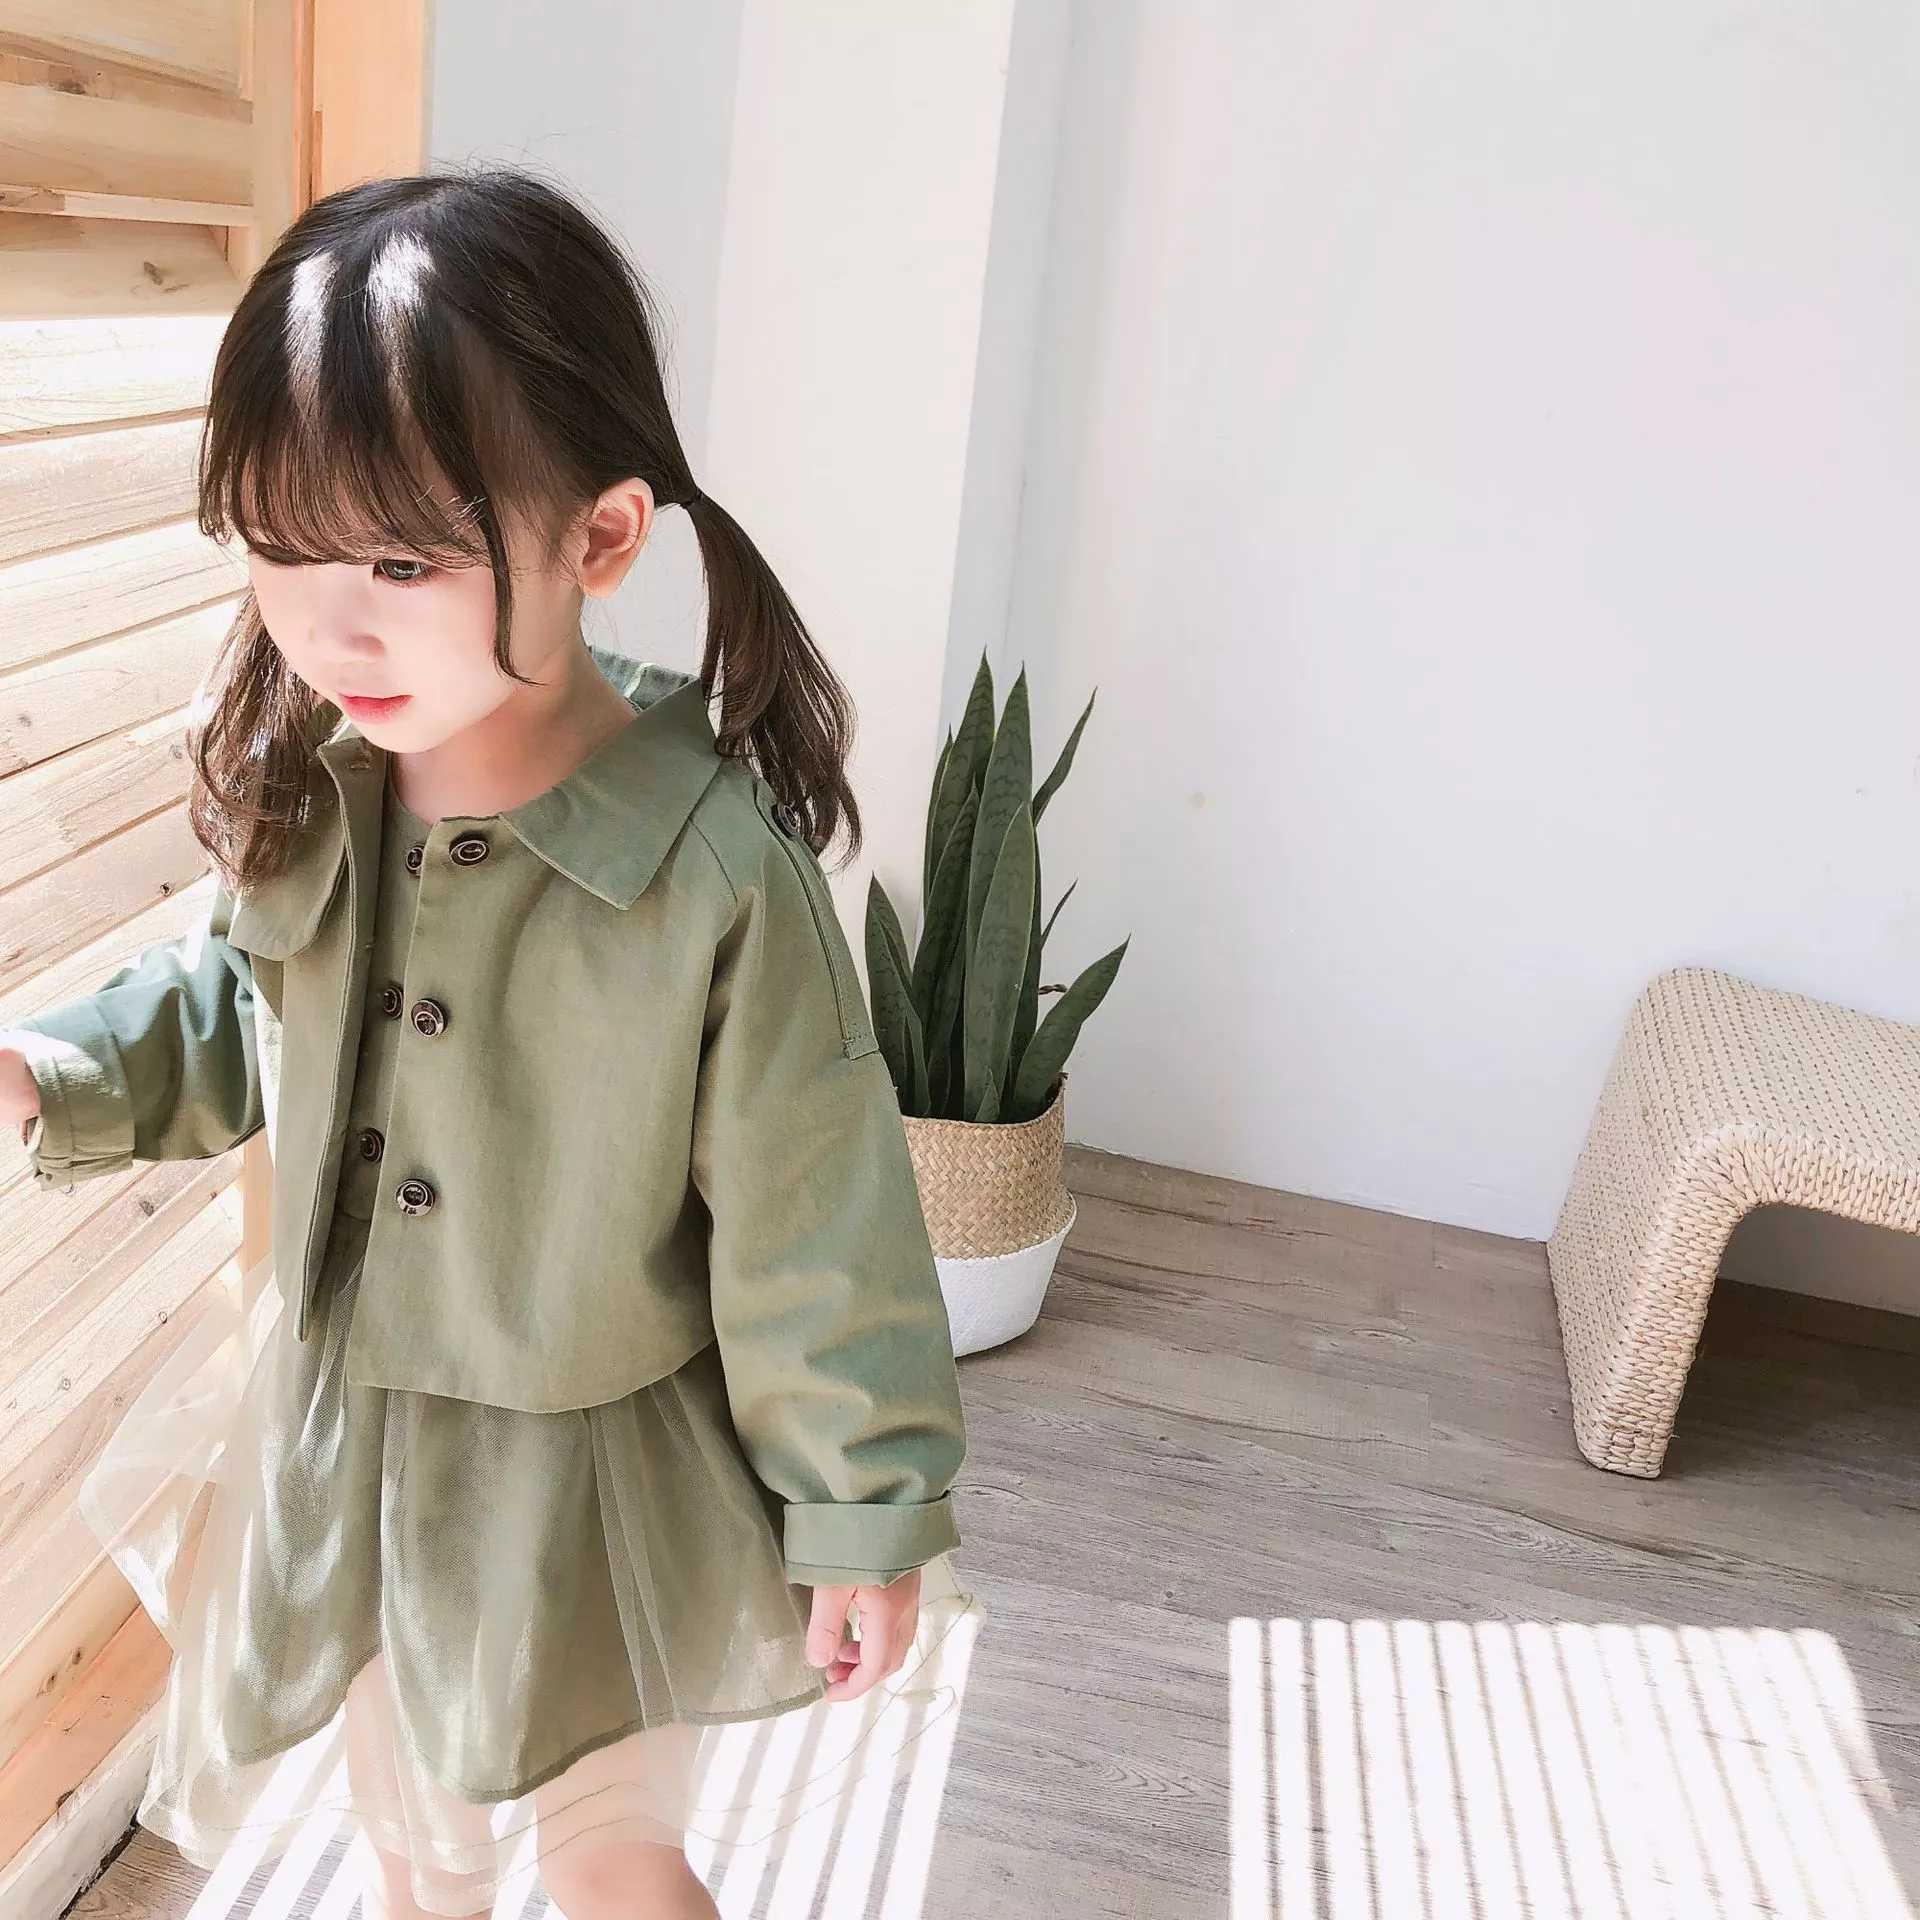 fe75ff192502ee 【女の子キッズ ワンピース+ジャケット】韓国子供服 キッズドレス カーキ シフォン風 ワンピース